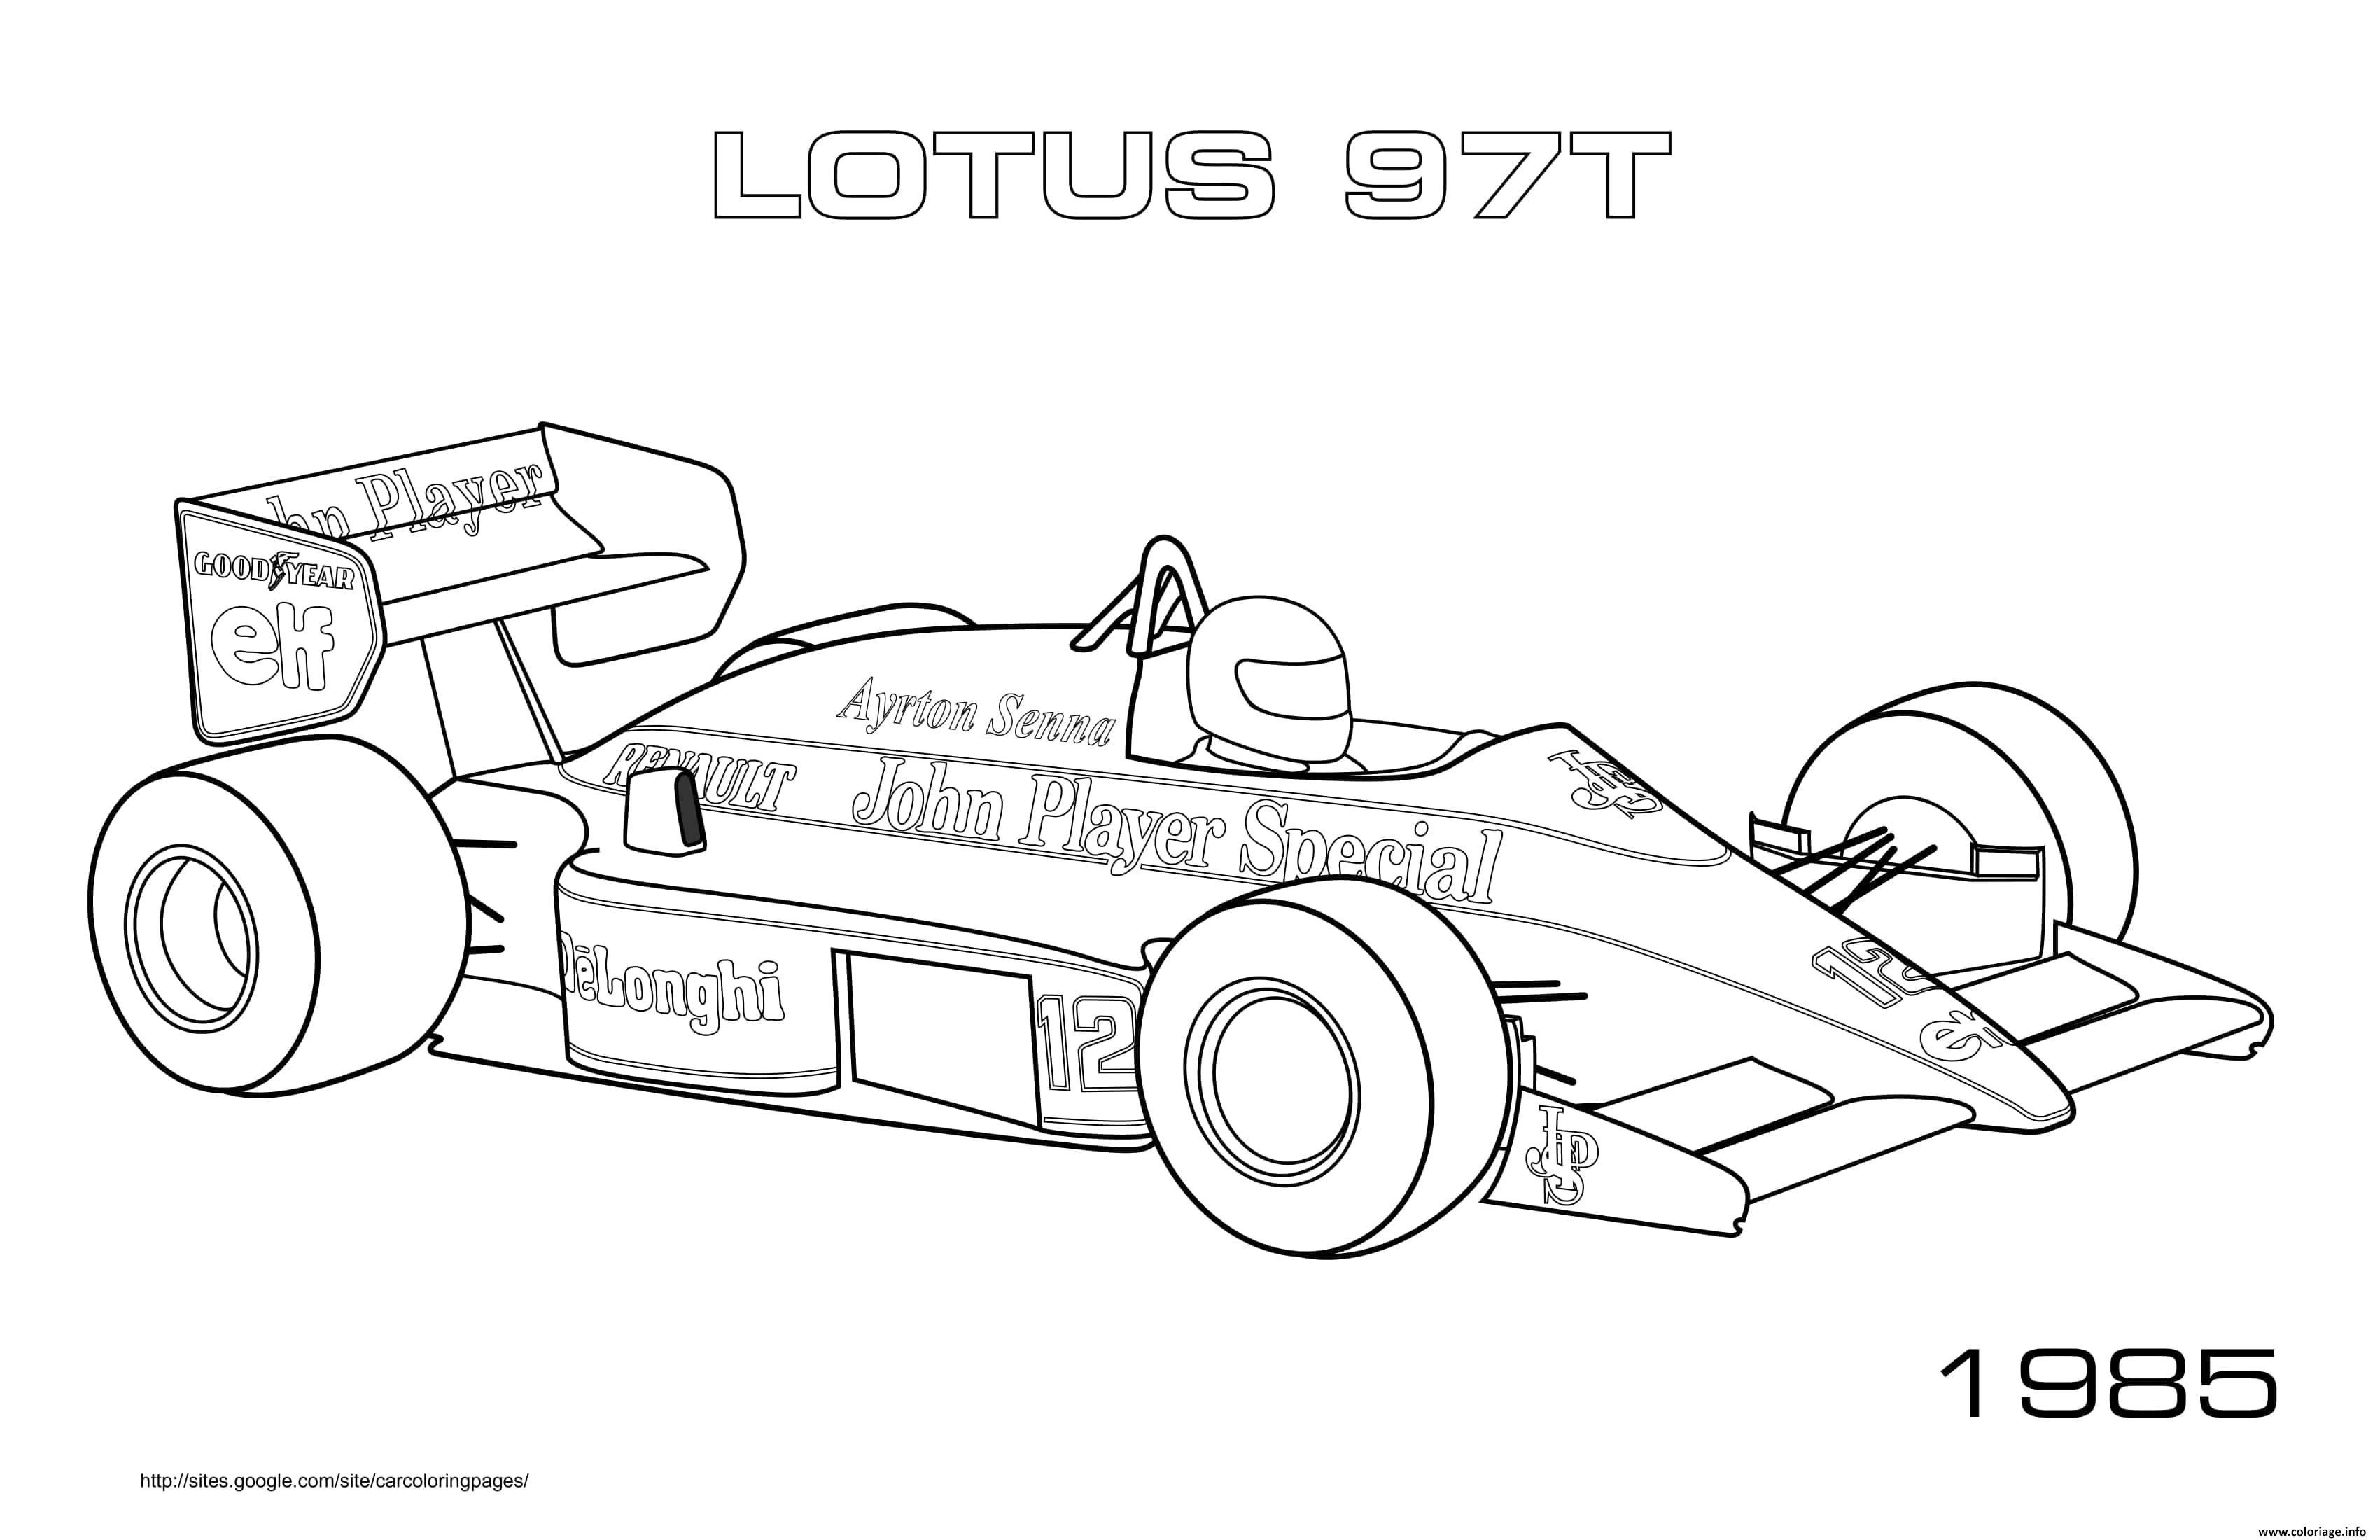 Dessin Sport F1 Lotus 97t 1985 Coloriage Gratuit à Imprimer